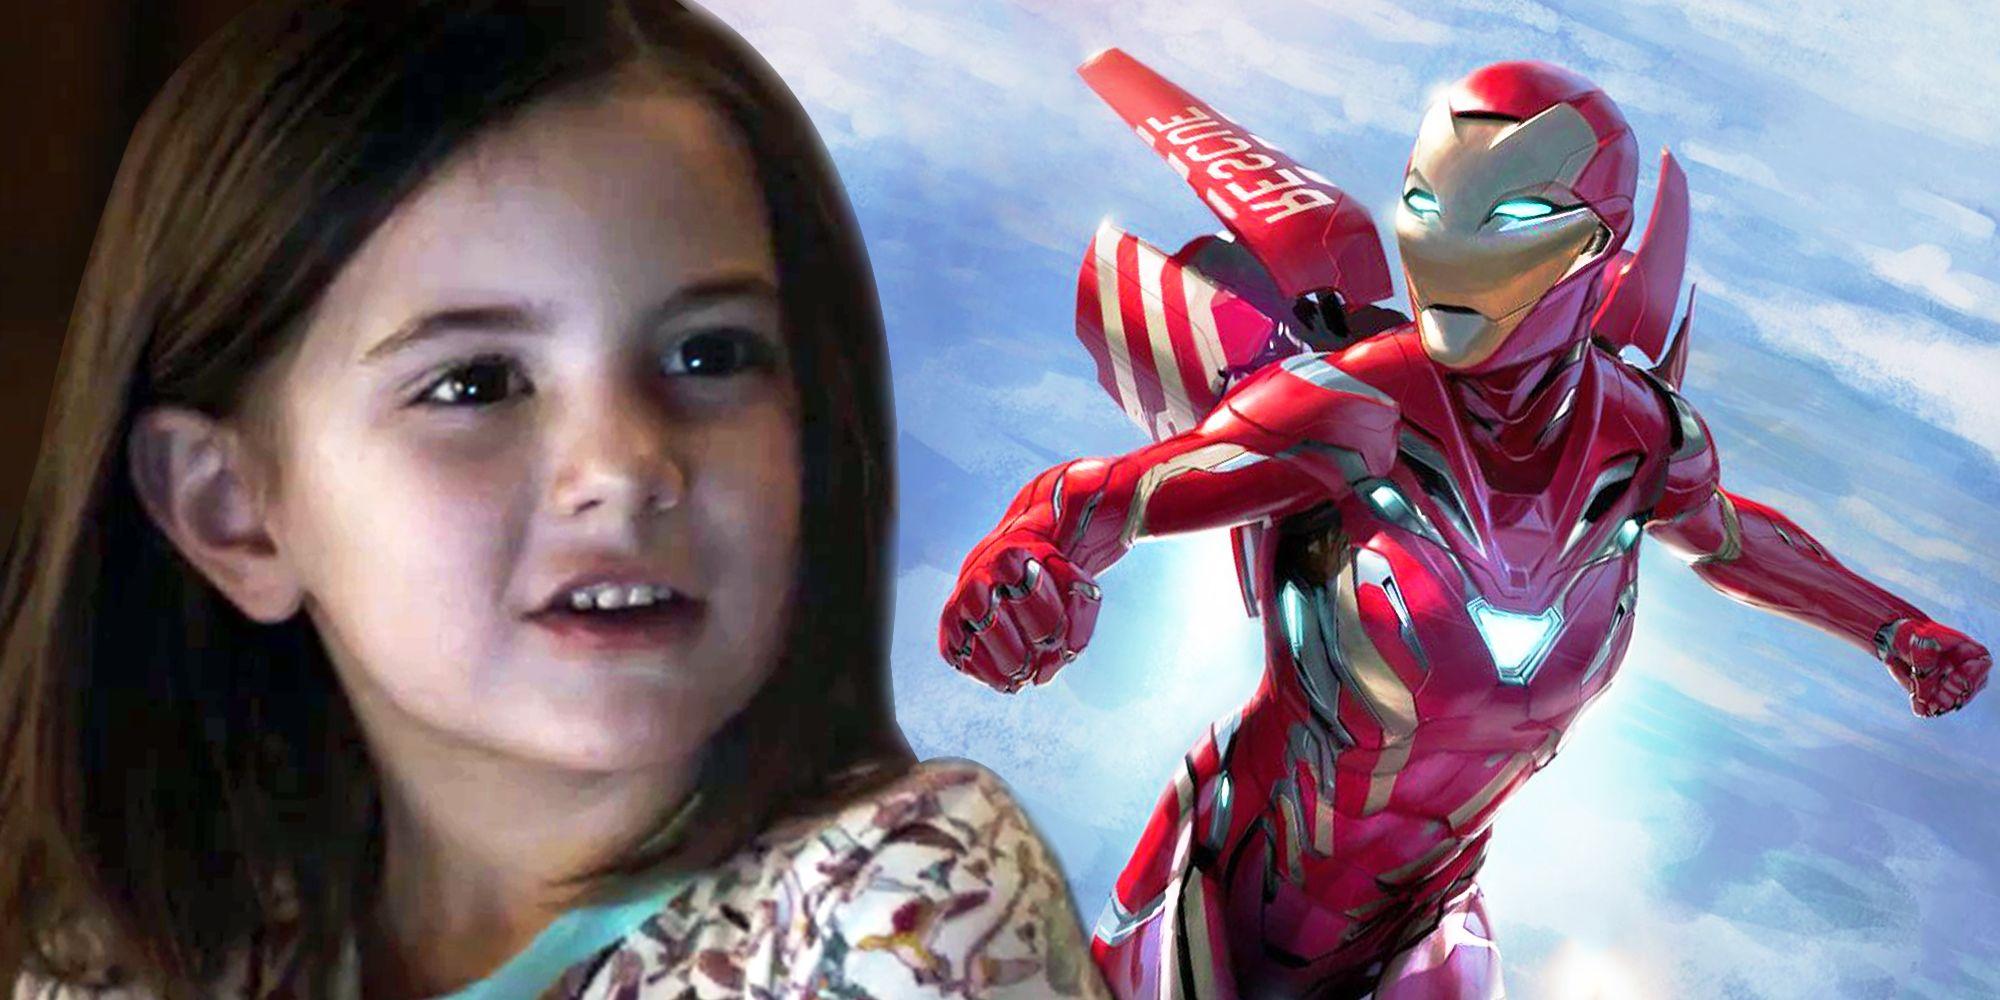 Elenco de Jovens Vingadores MCU da Marvel (como nós o conhecemos) 4